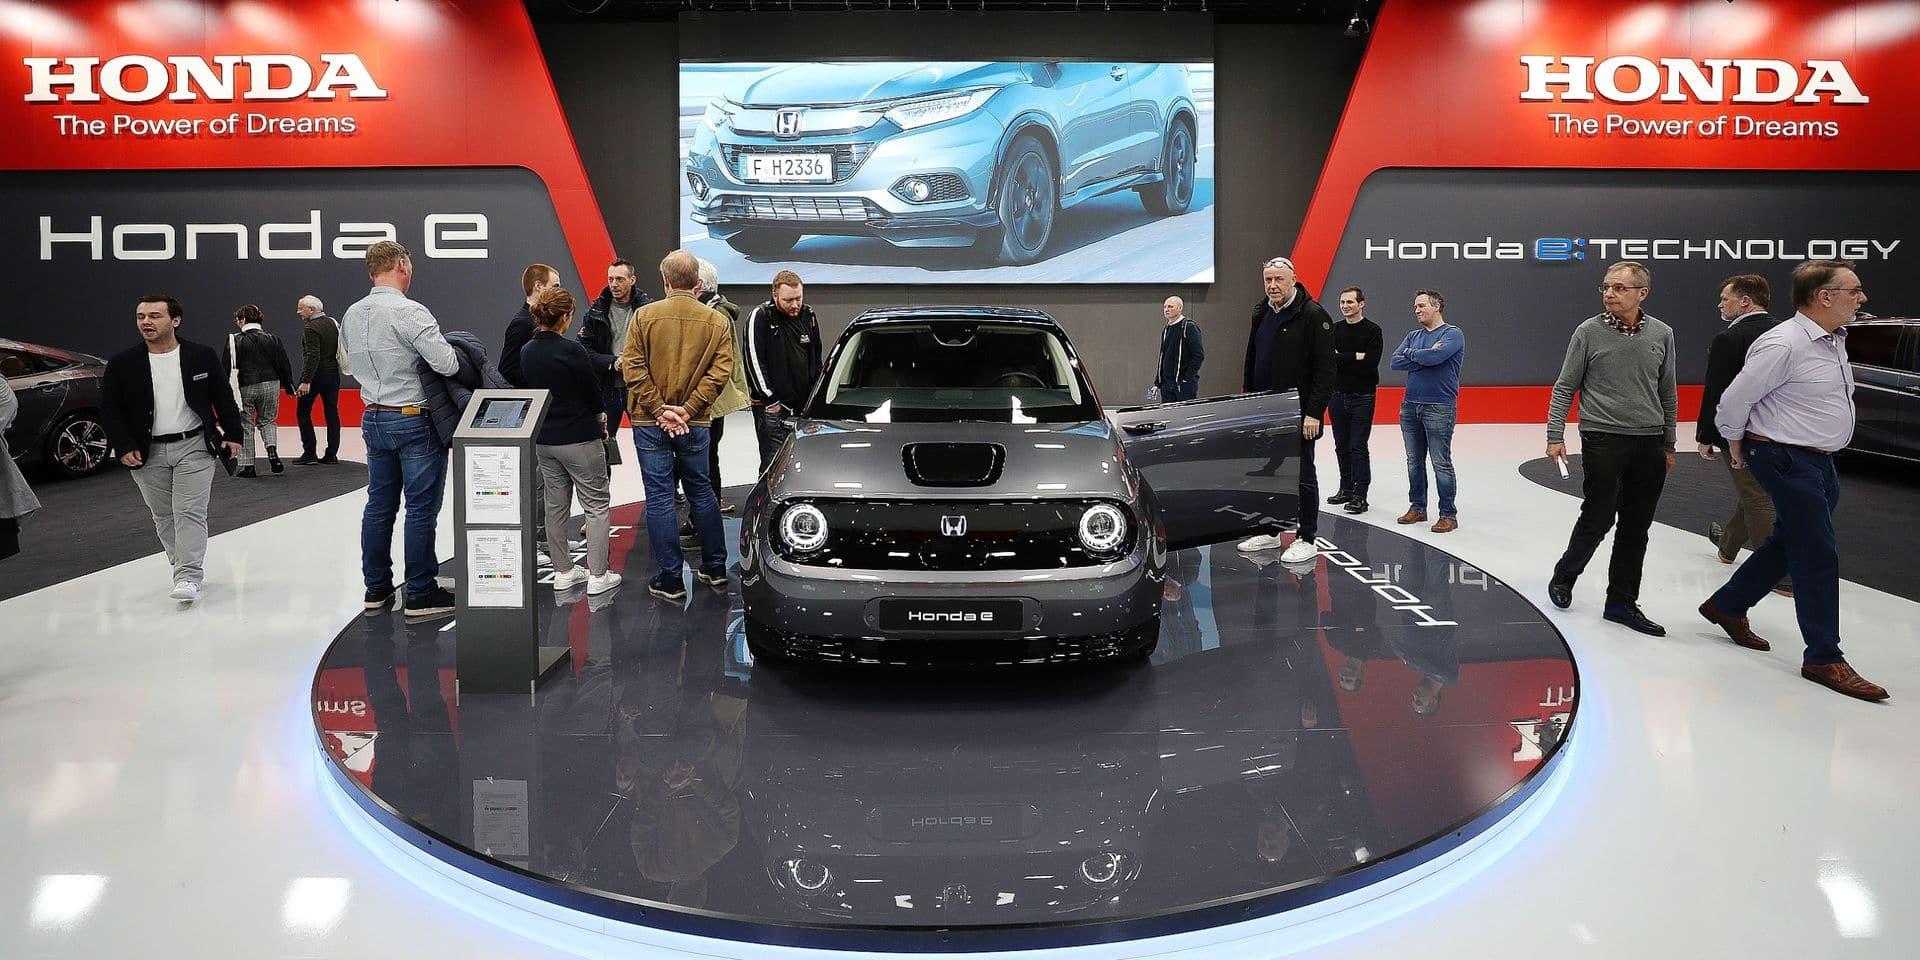 La Honda e attire les foules au Salon: elle a une bouille, un habitacle truffé d'écrans mais une autonomie qui est loin d'impressionner